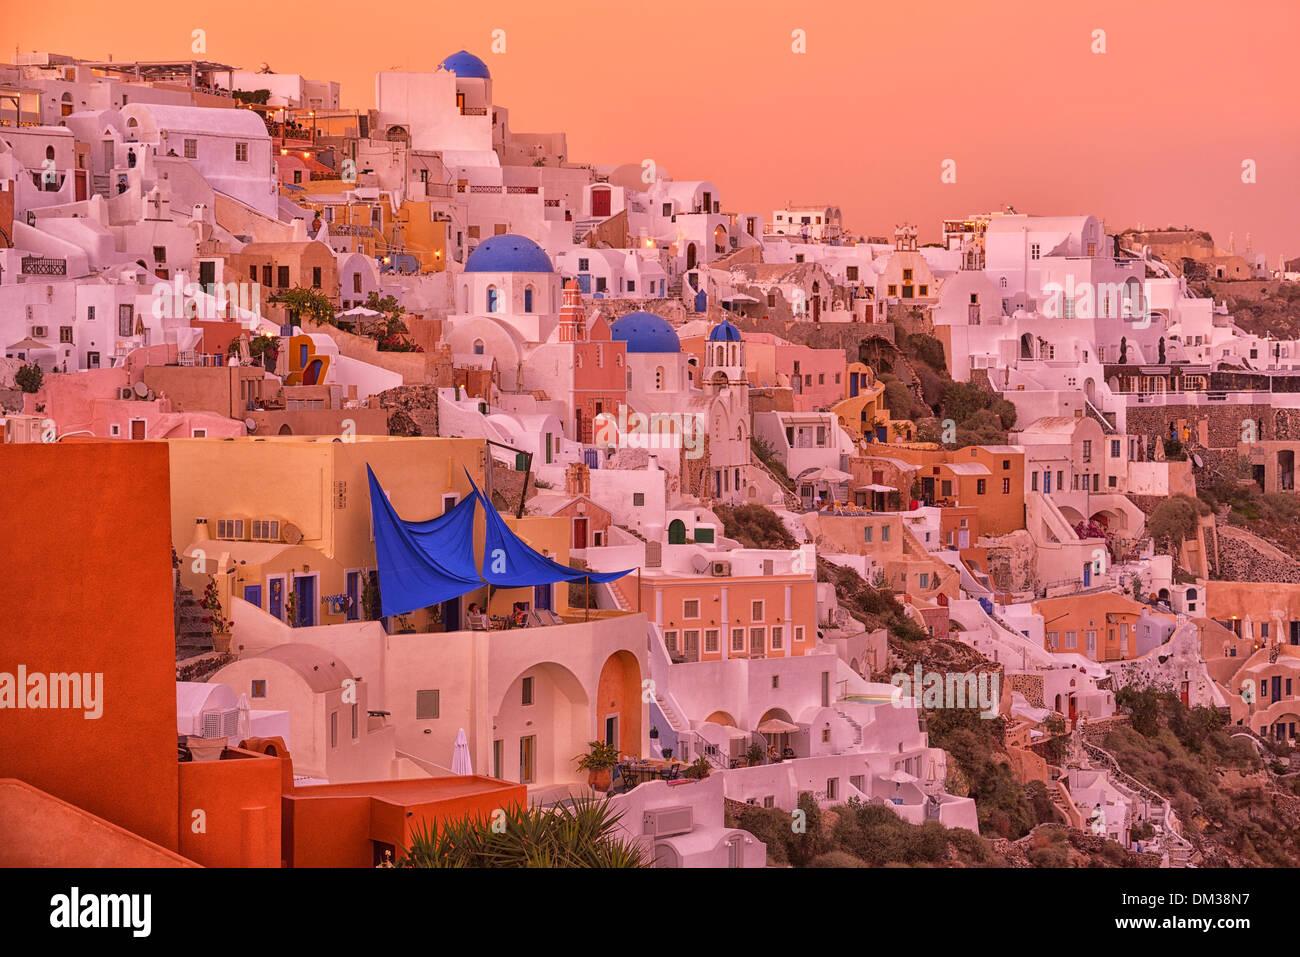 Grecia Europa Santorini Thira Oia Cicladi isola crepuscolo destinazione di viaggio architettura romantica città glow caldera vulcanica di Immagini Stock